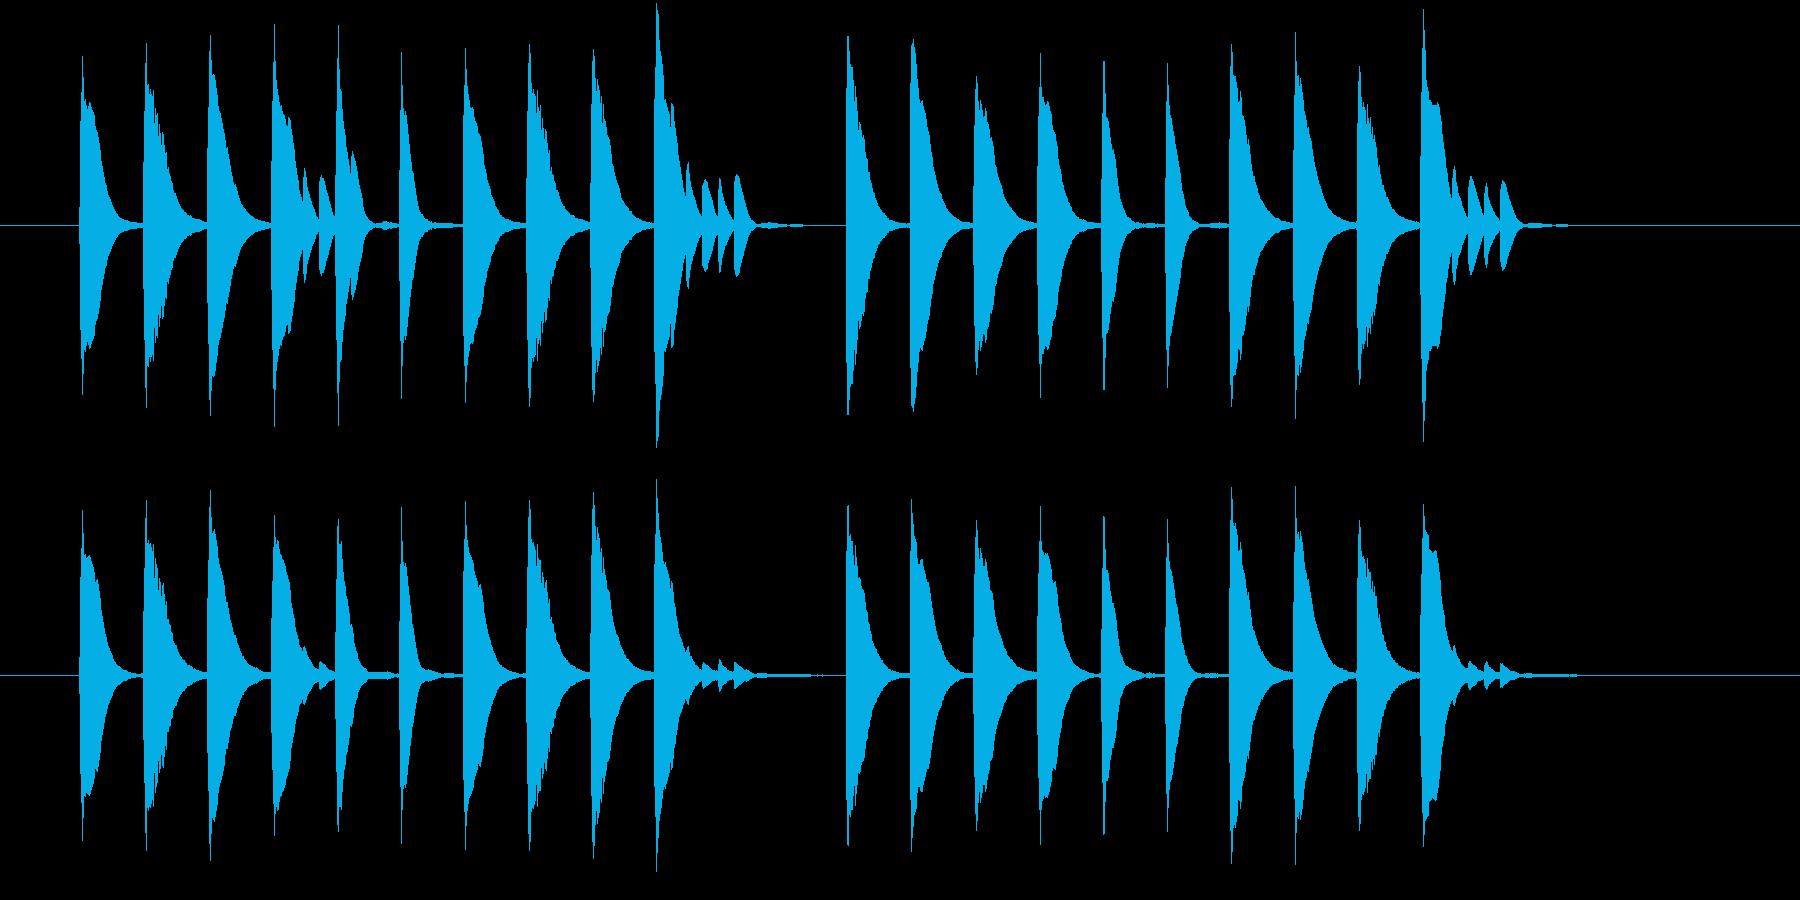 ほのぼのとした場面切替に使えるジングルの再生済みの波形